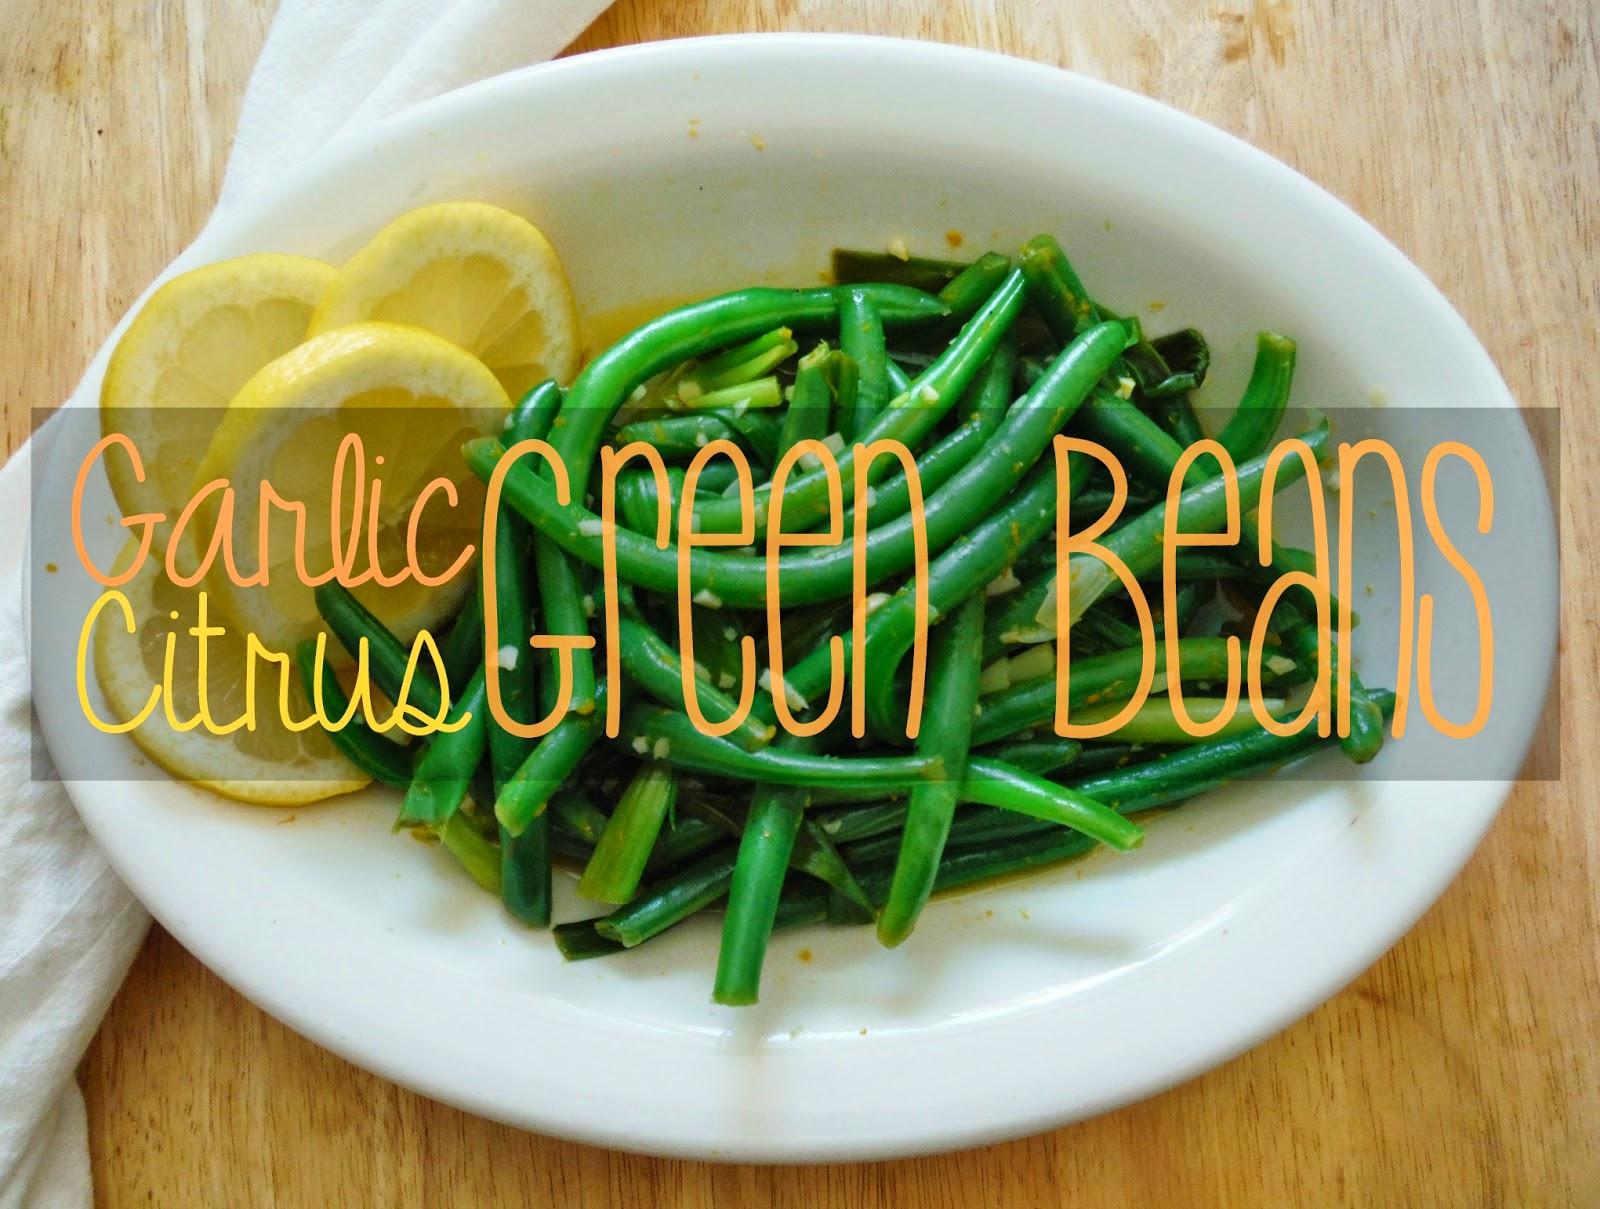 Garlic Citrus Green Beans